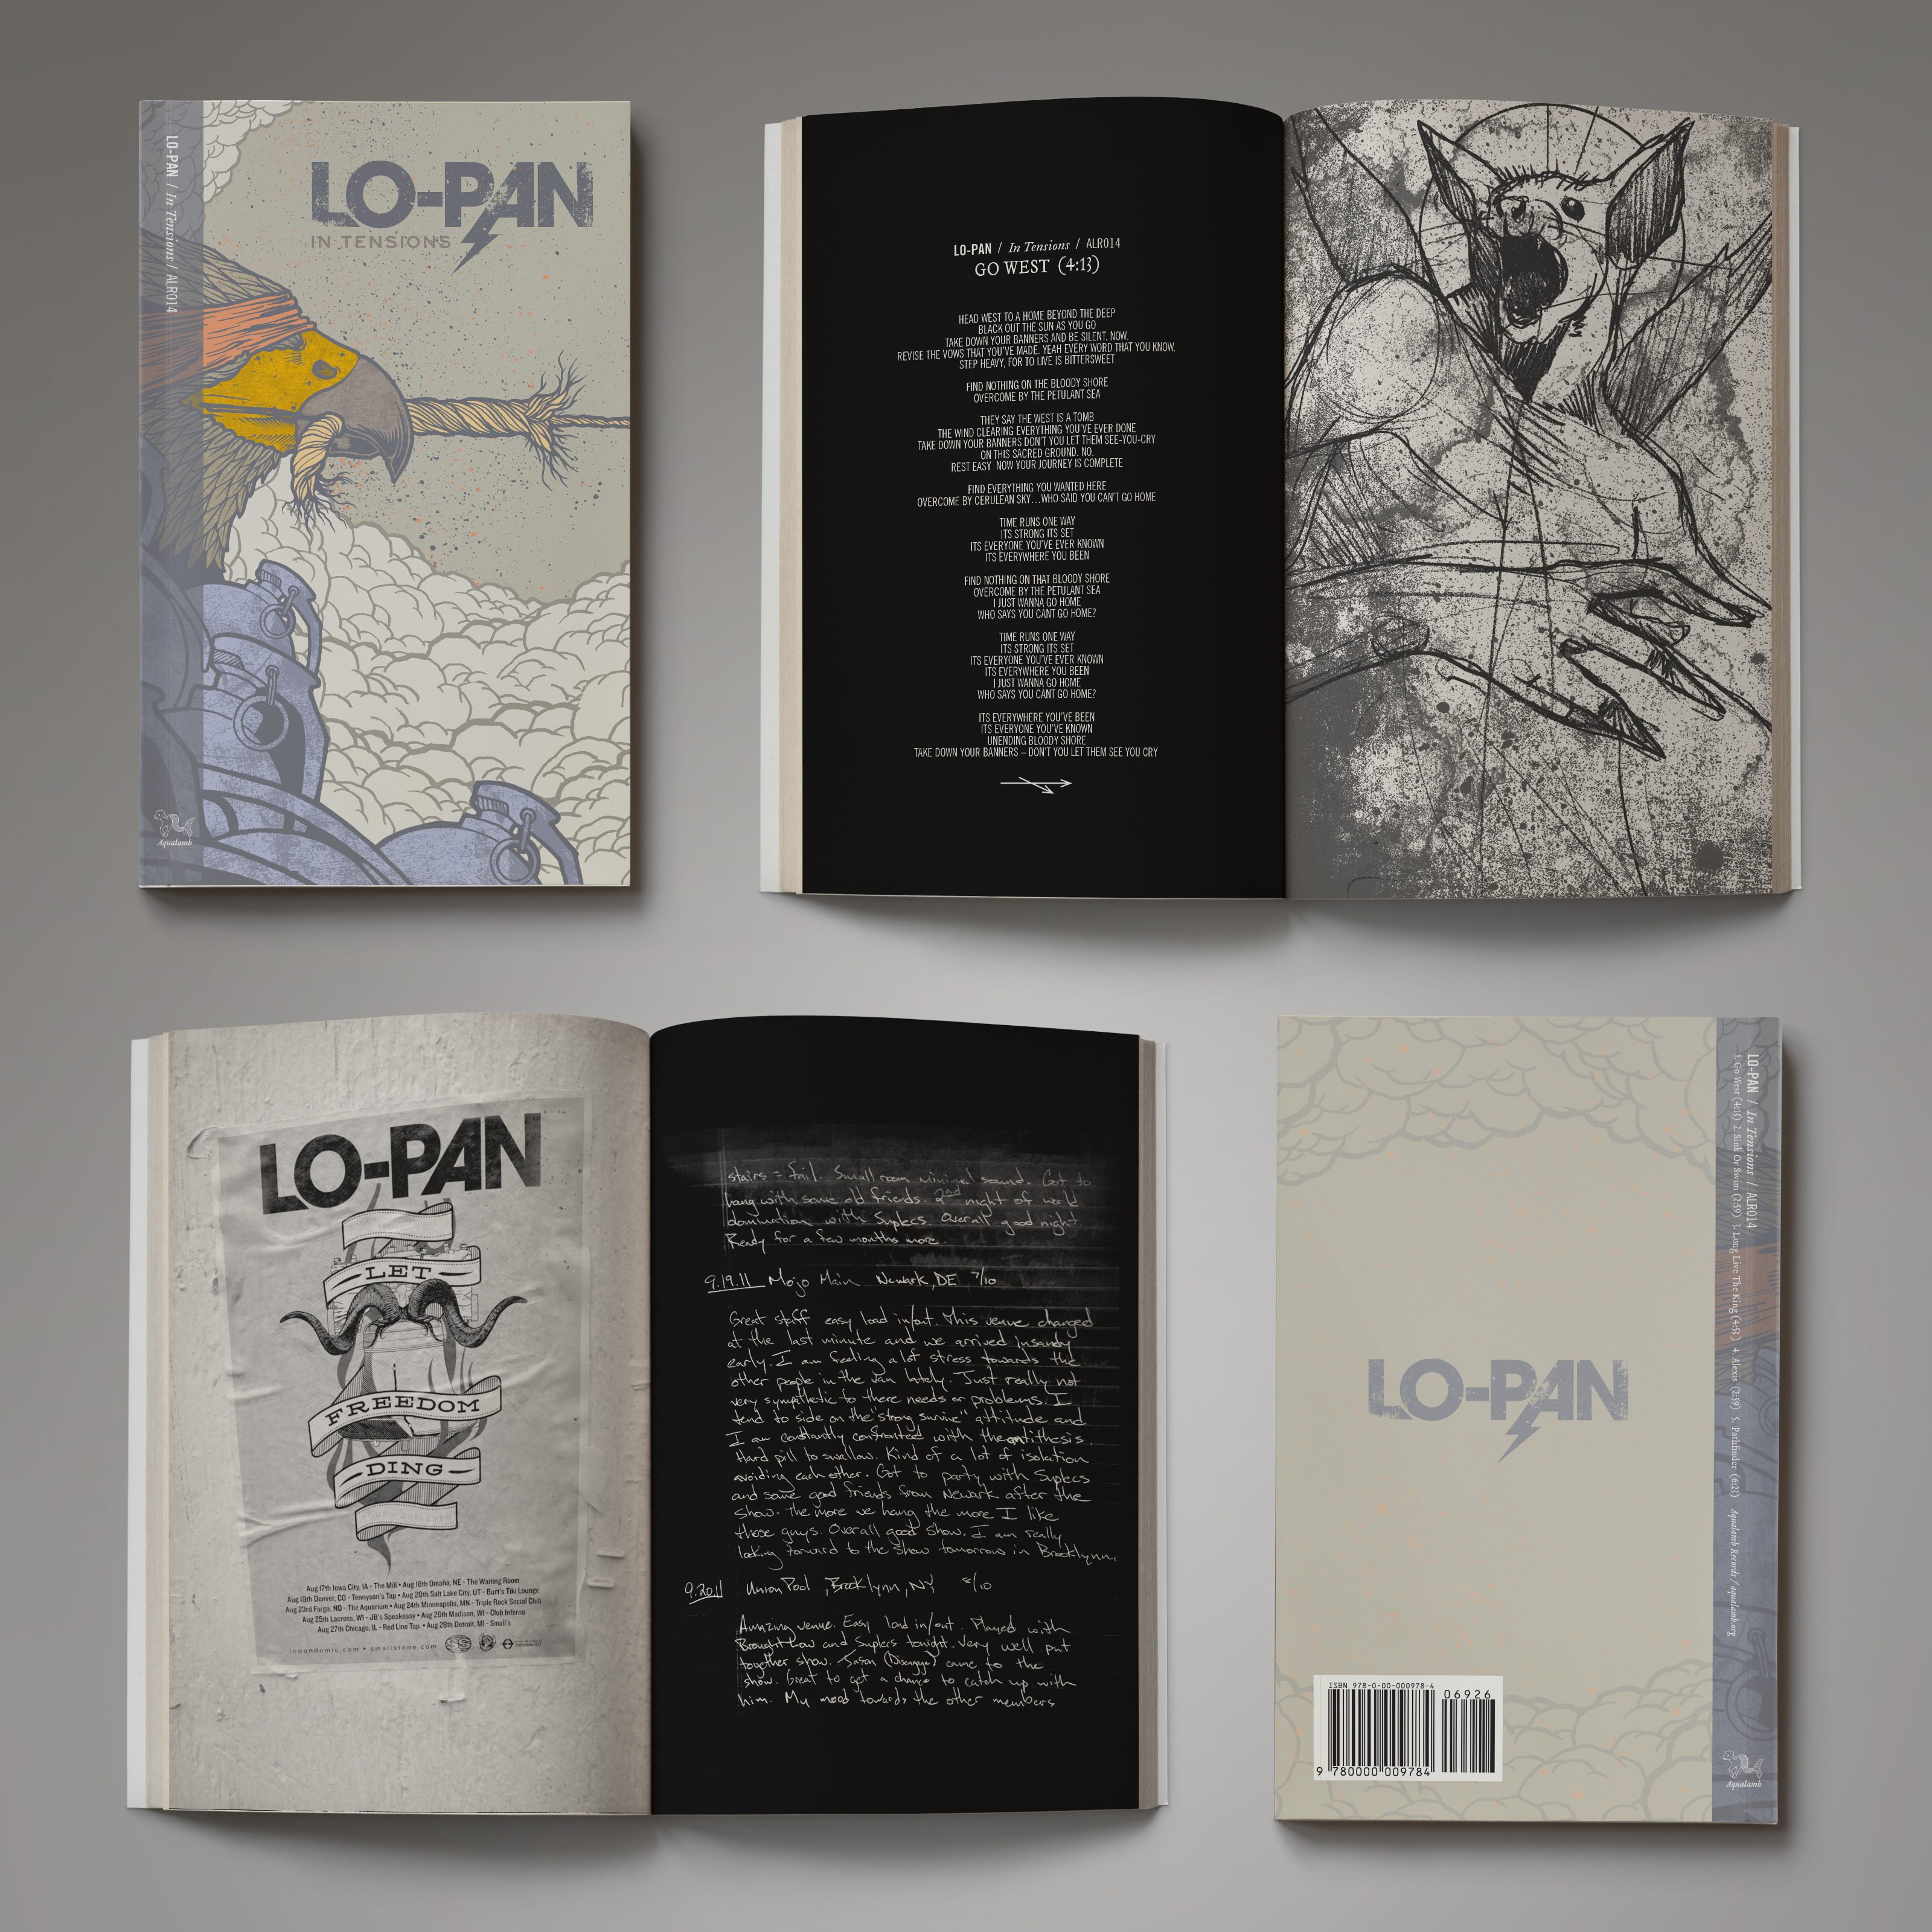 lo-pan_in_tensions_book_press